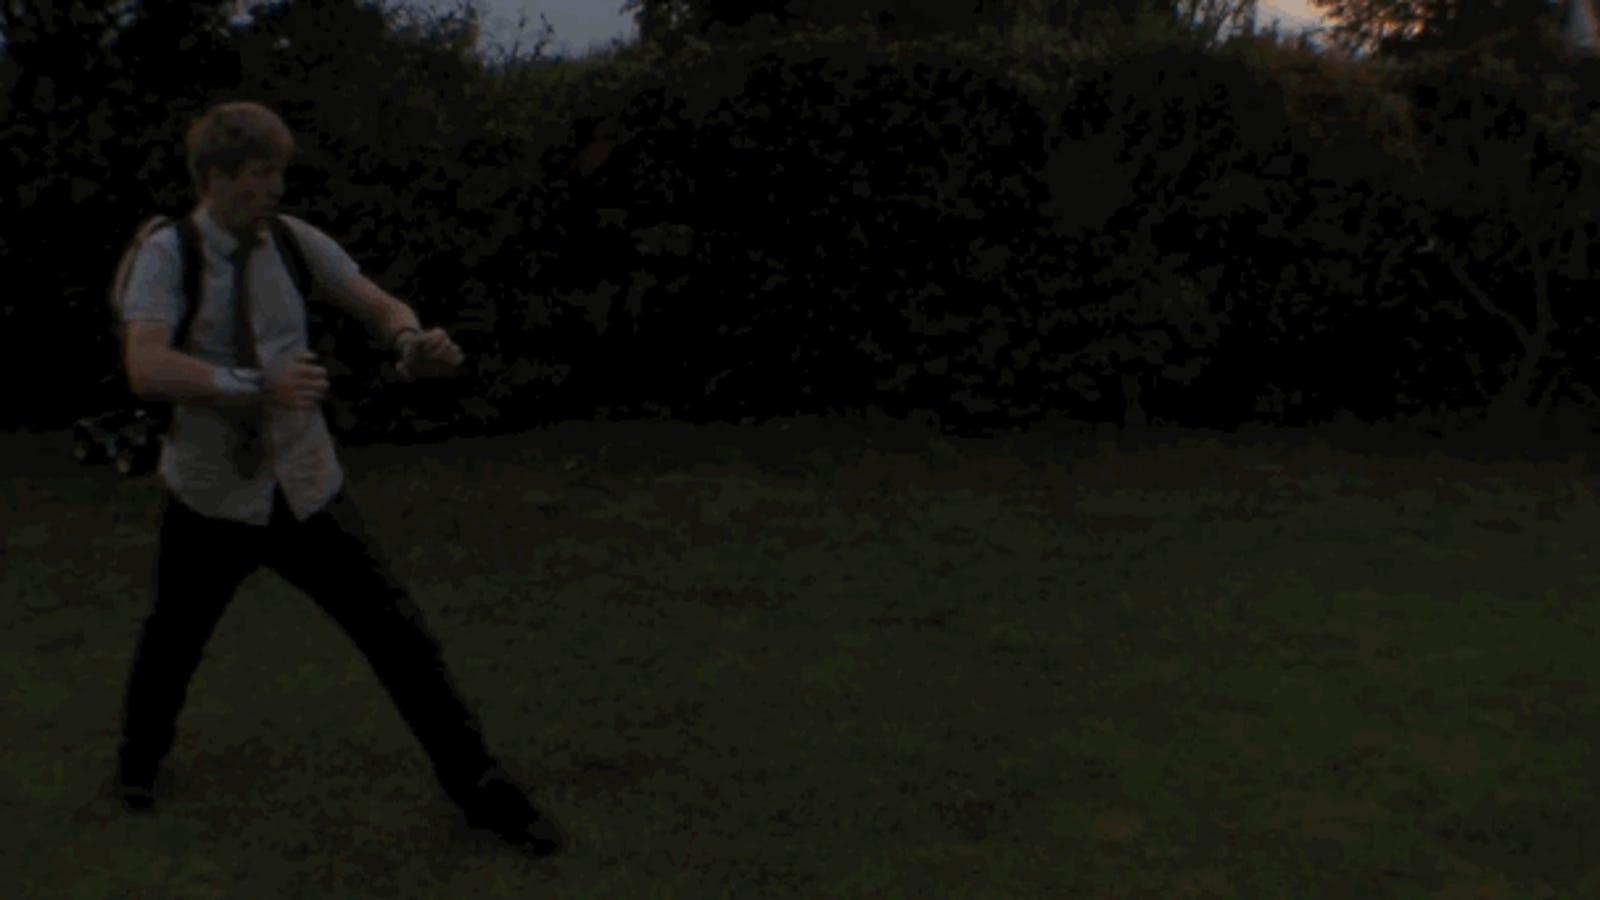 Las muñequeras lanzallamas perfectas para supervillanos caseros